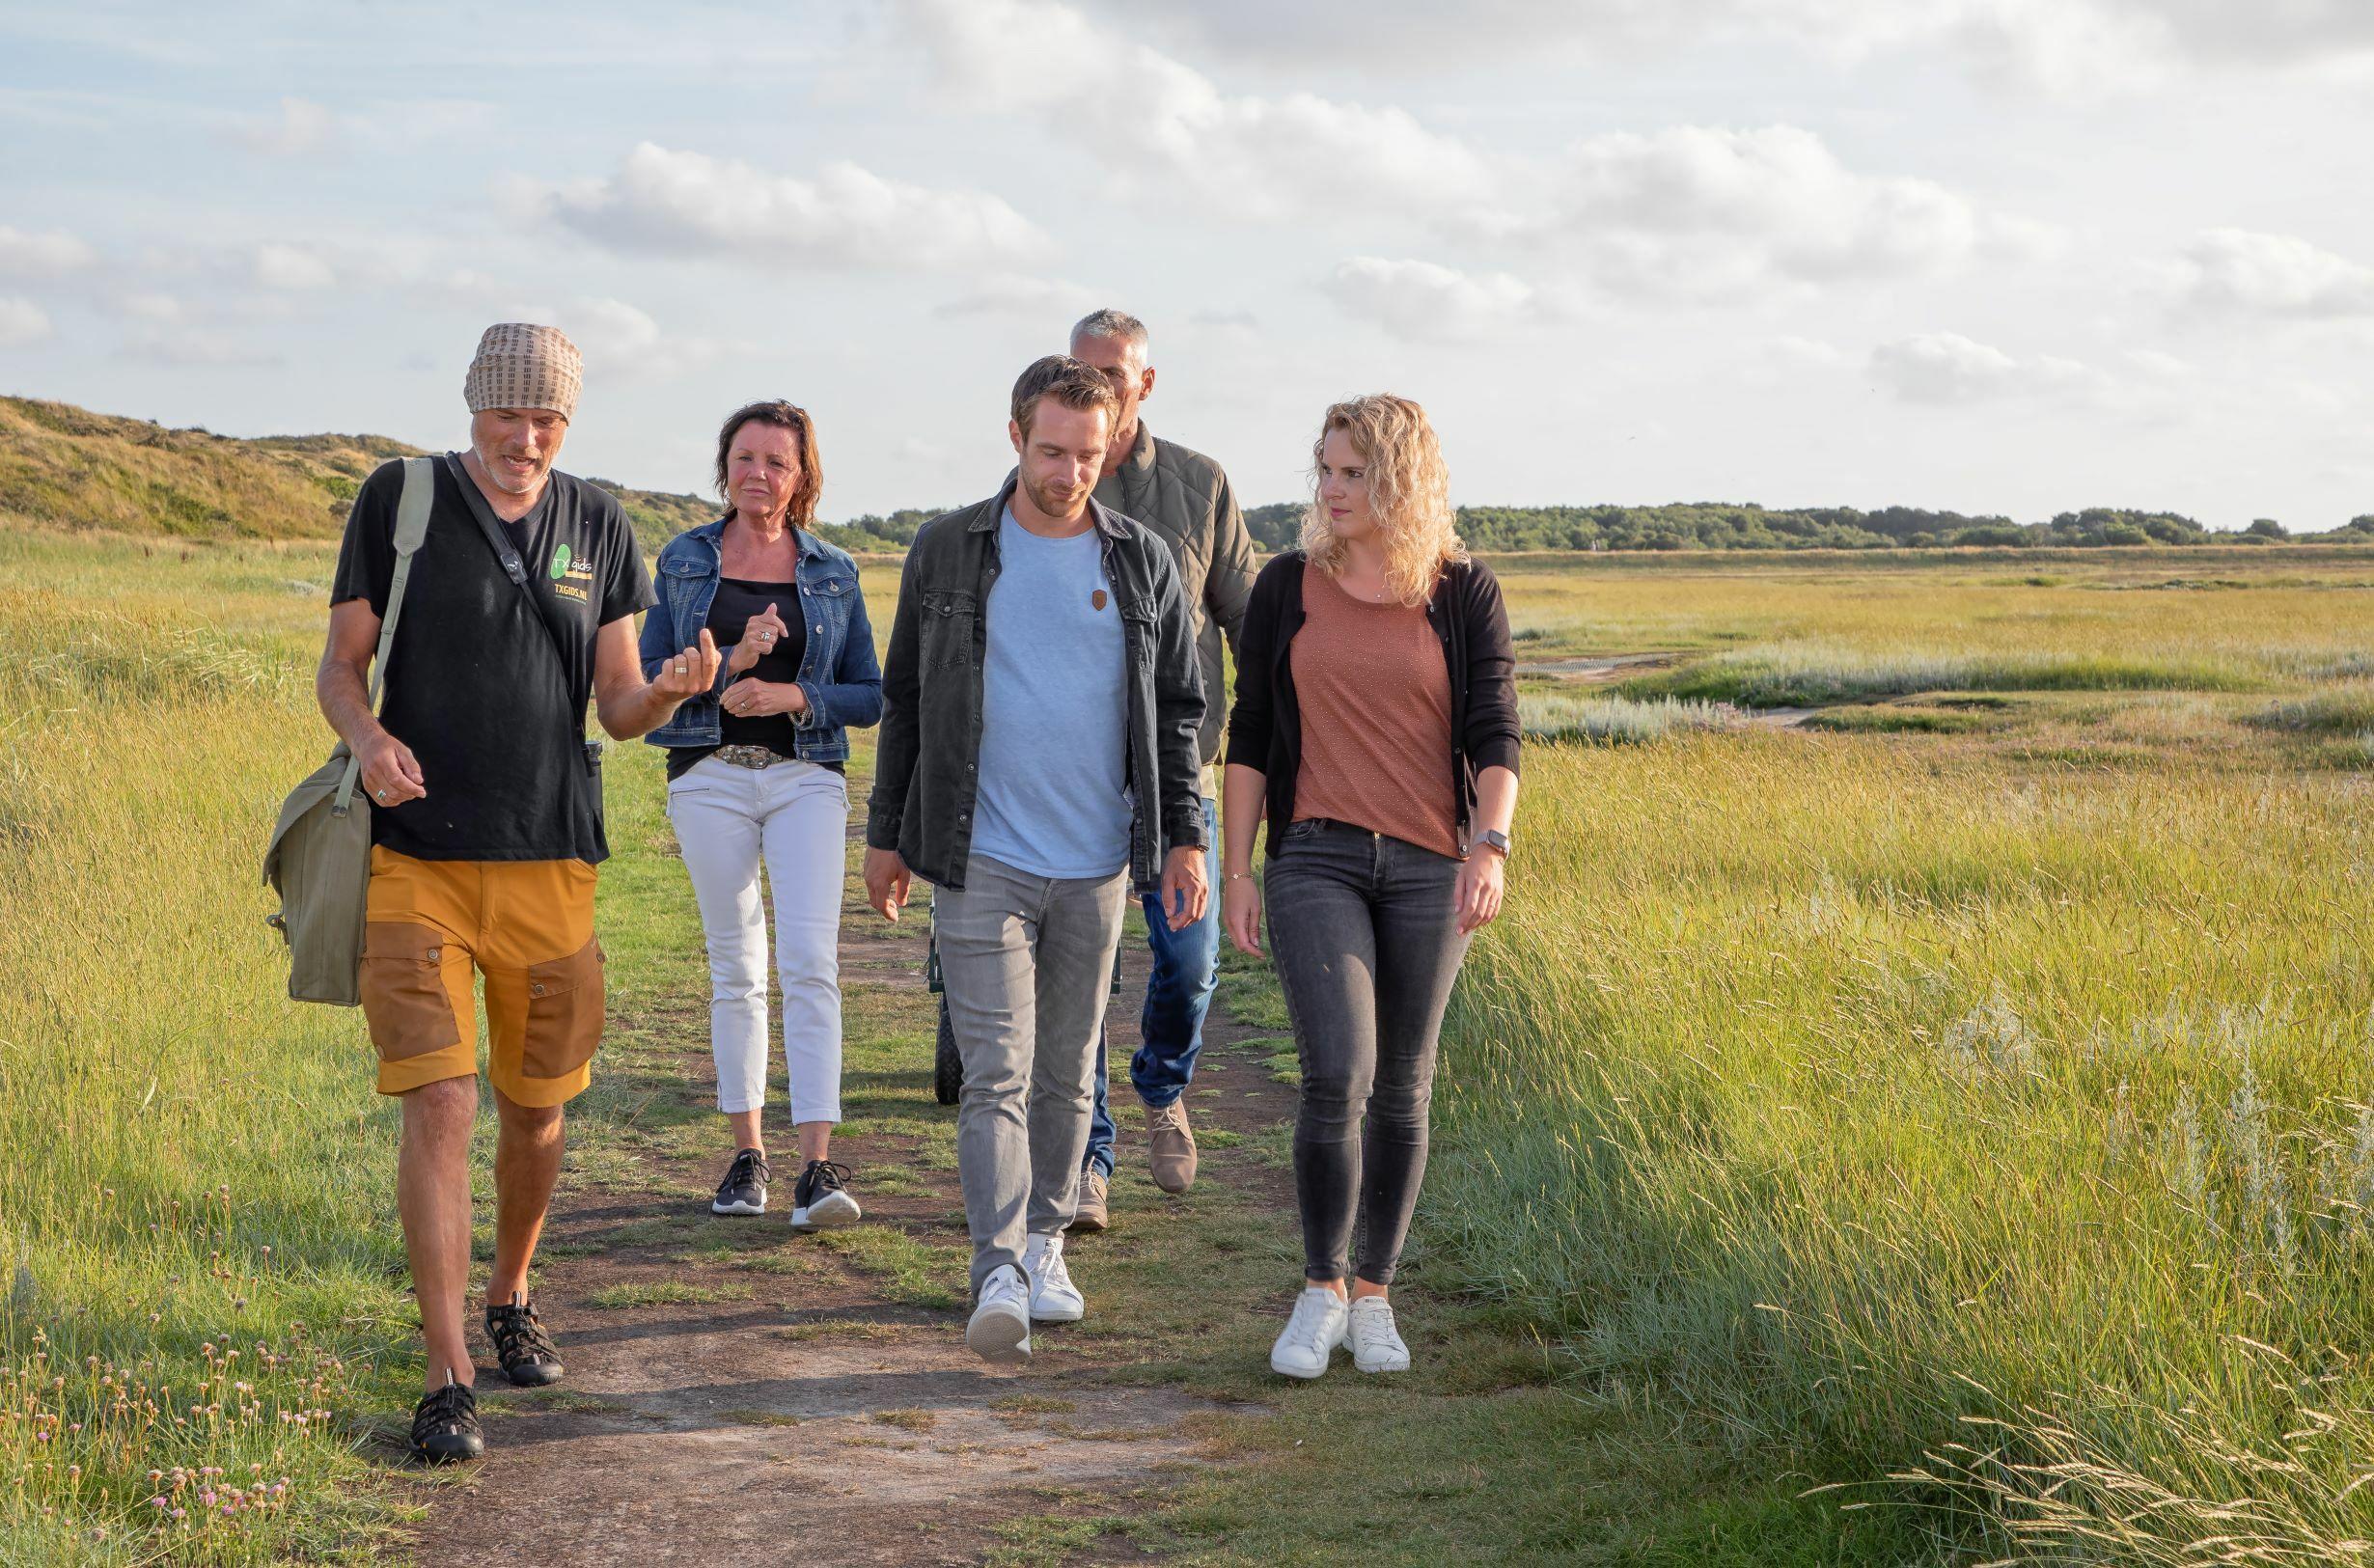 Natuurexcursie in De Slufter VVV Texel fotograaf Justin Sinner